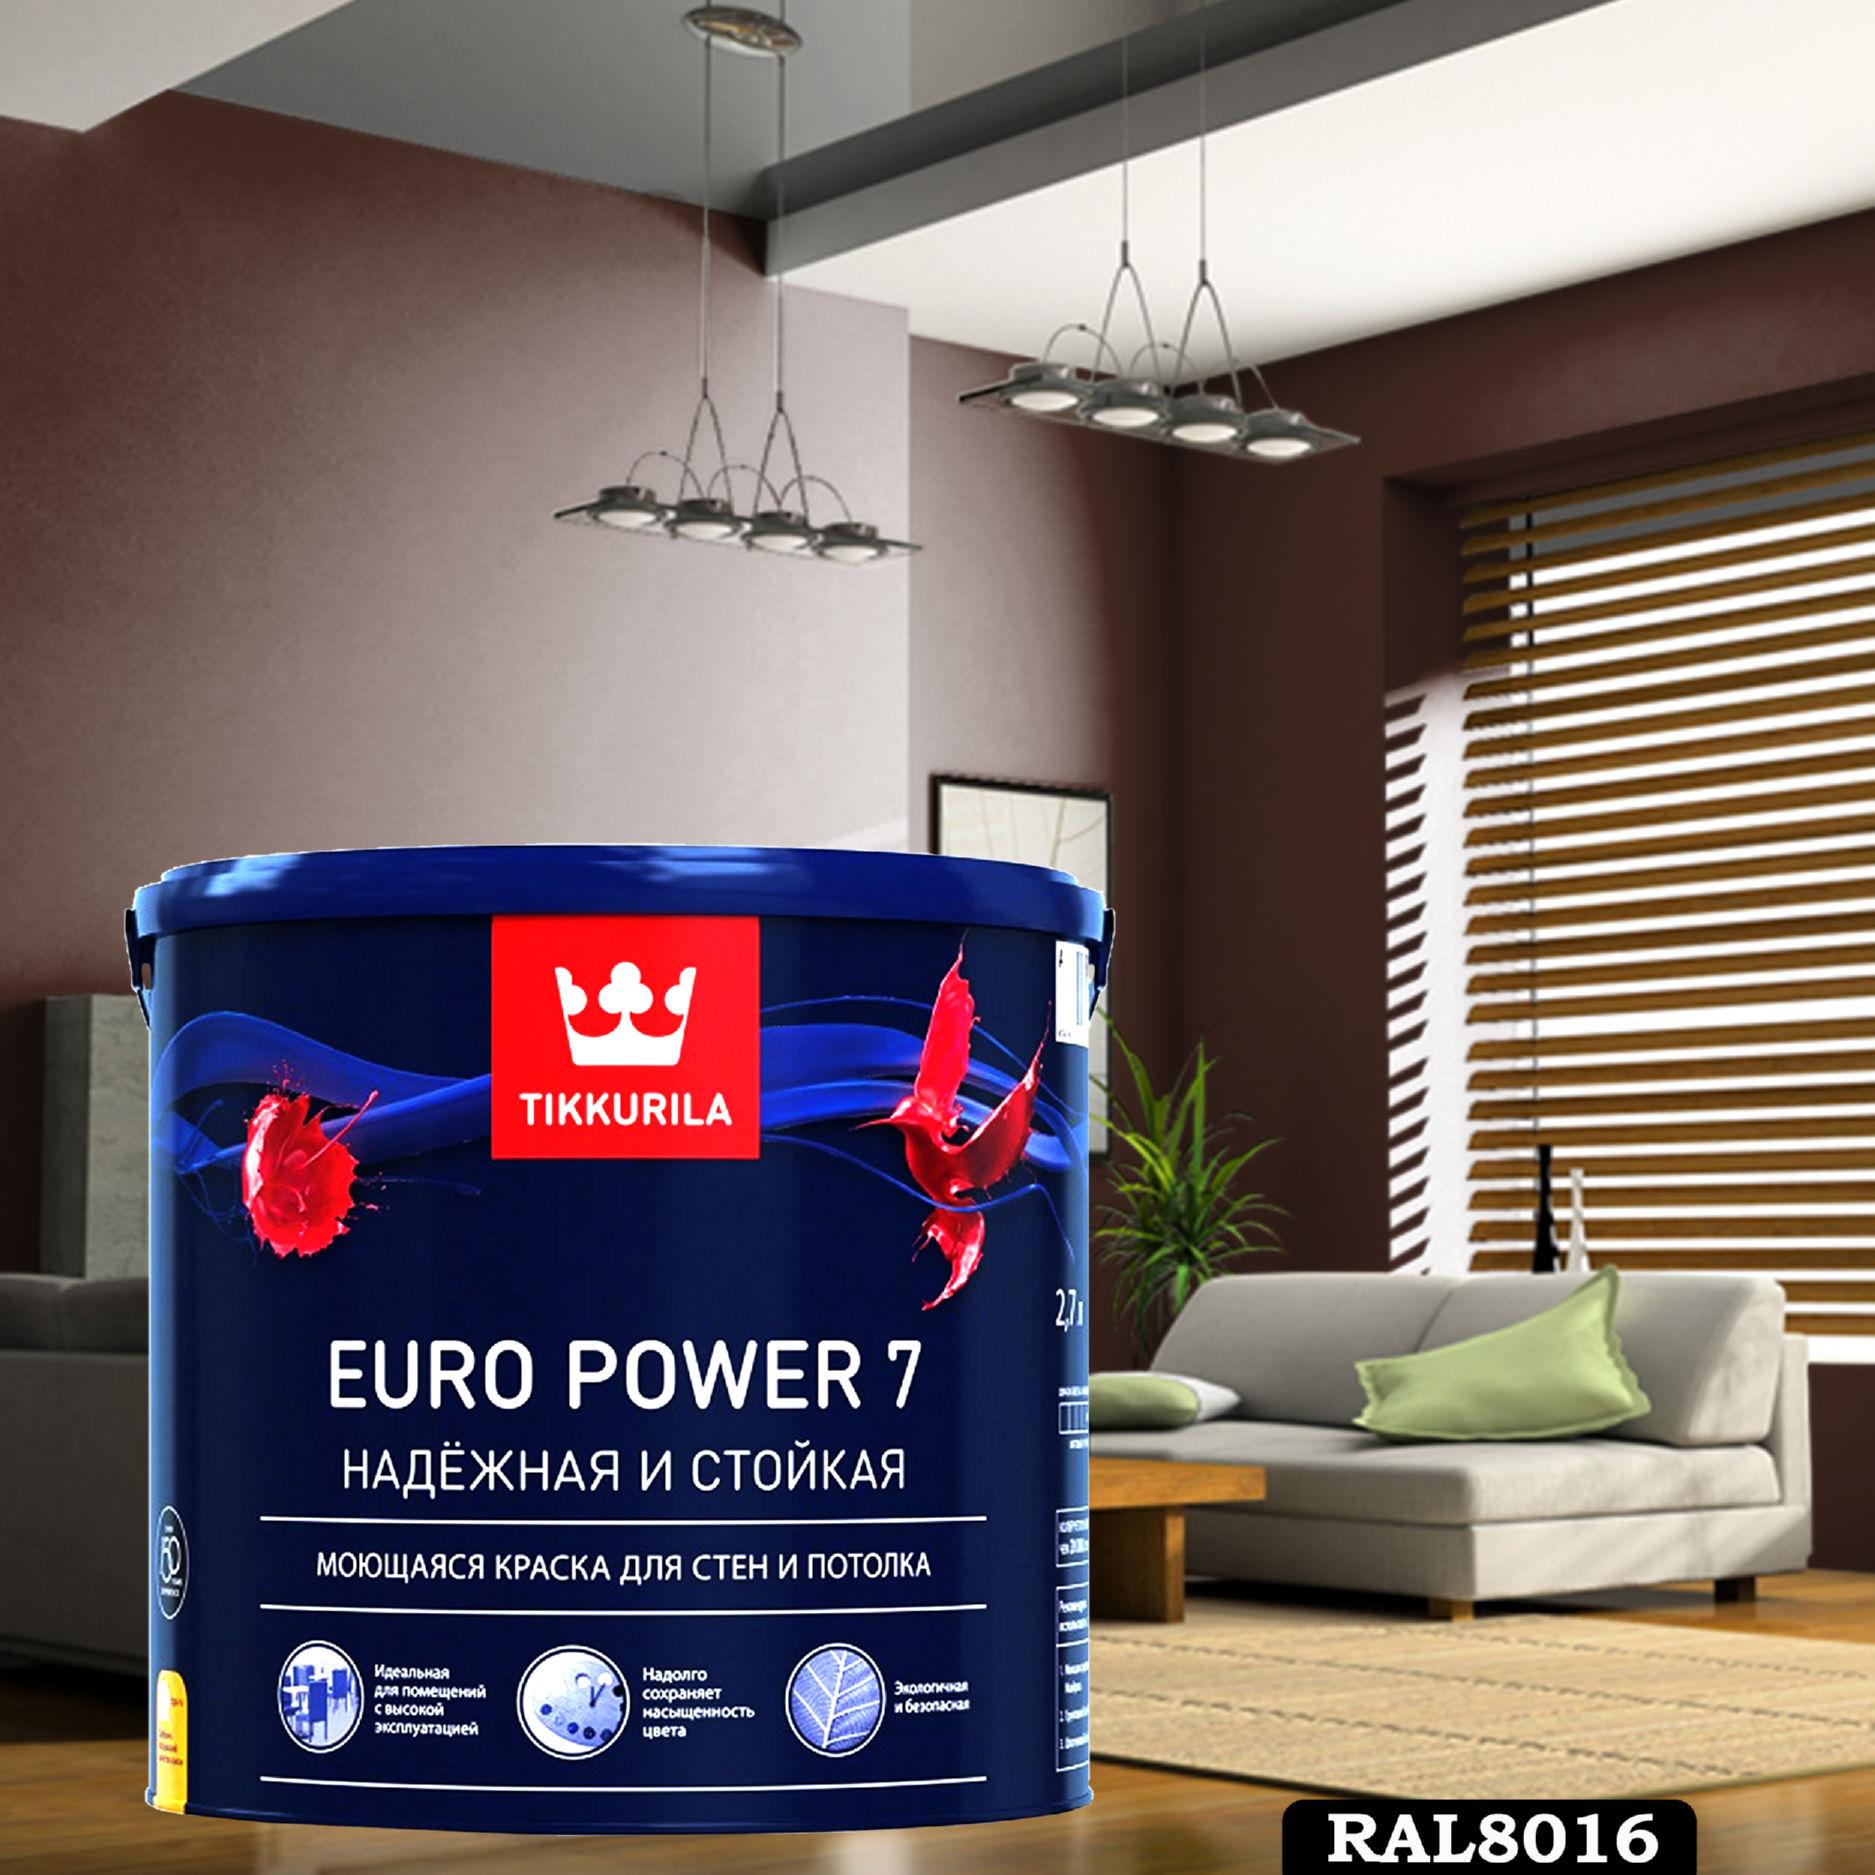 Фото 12 - Краска TIKKURILA Euro Power 7,  RAL 8016 Коричневый-махагон, латексная моющаяся матовая интерьерная, 9 л.